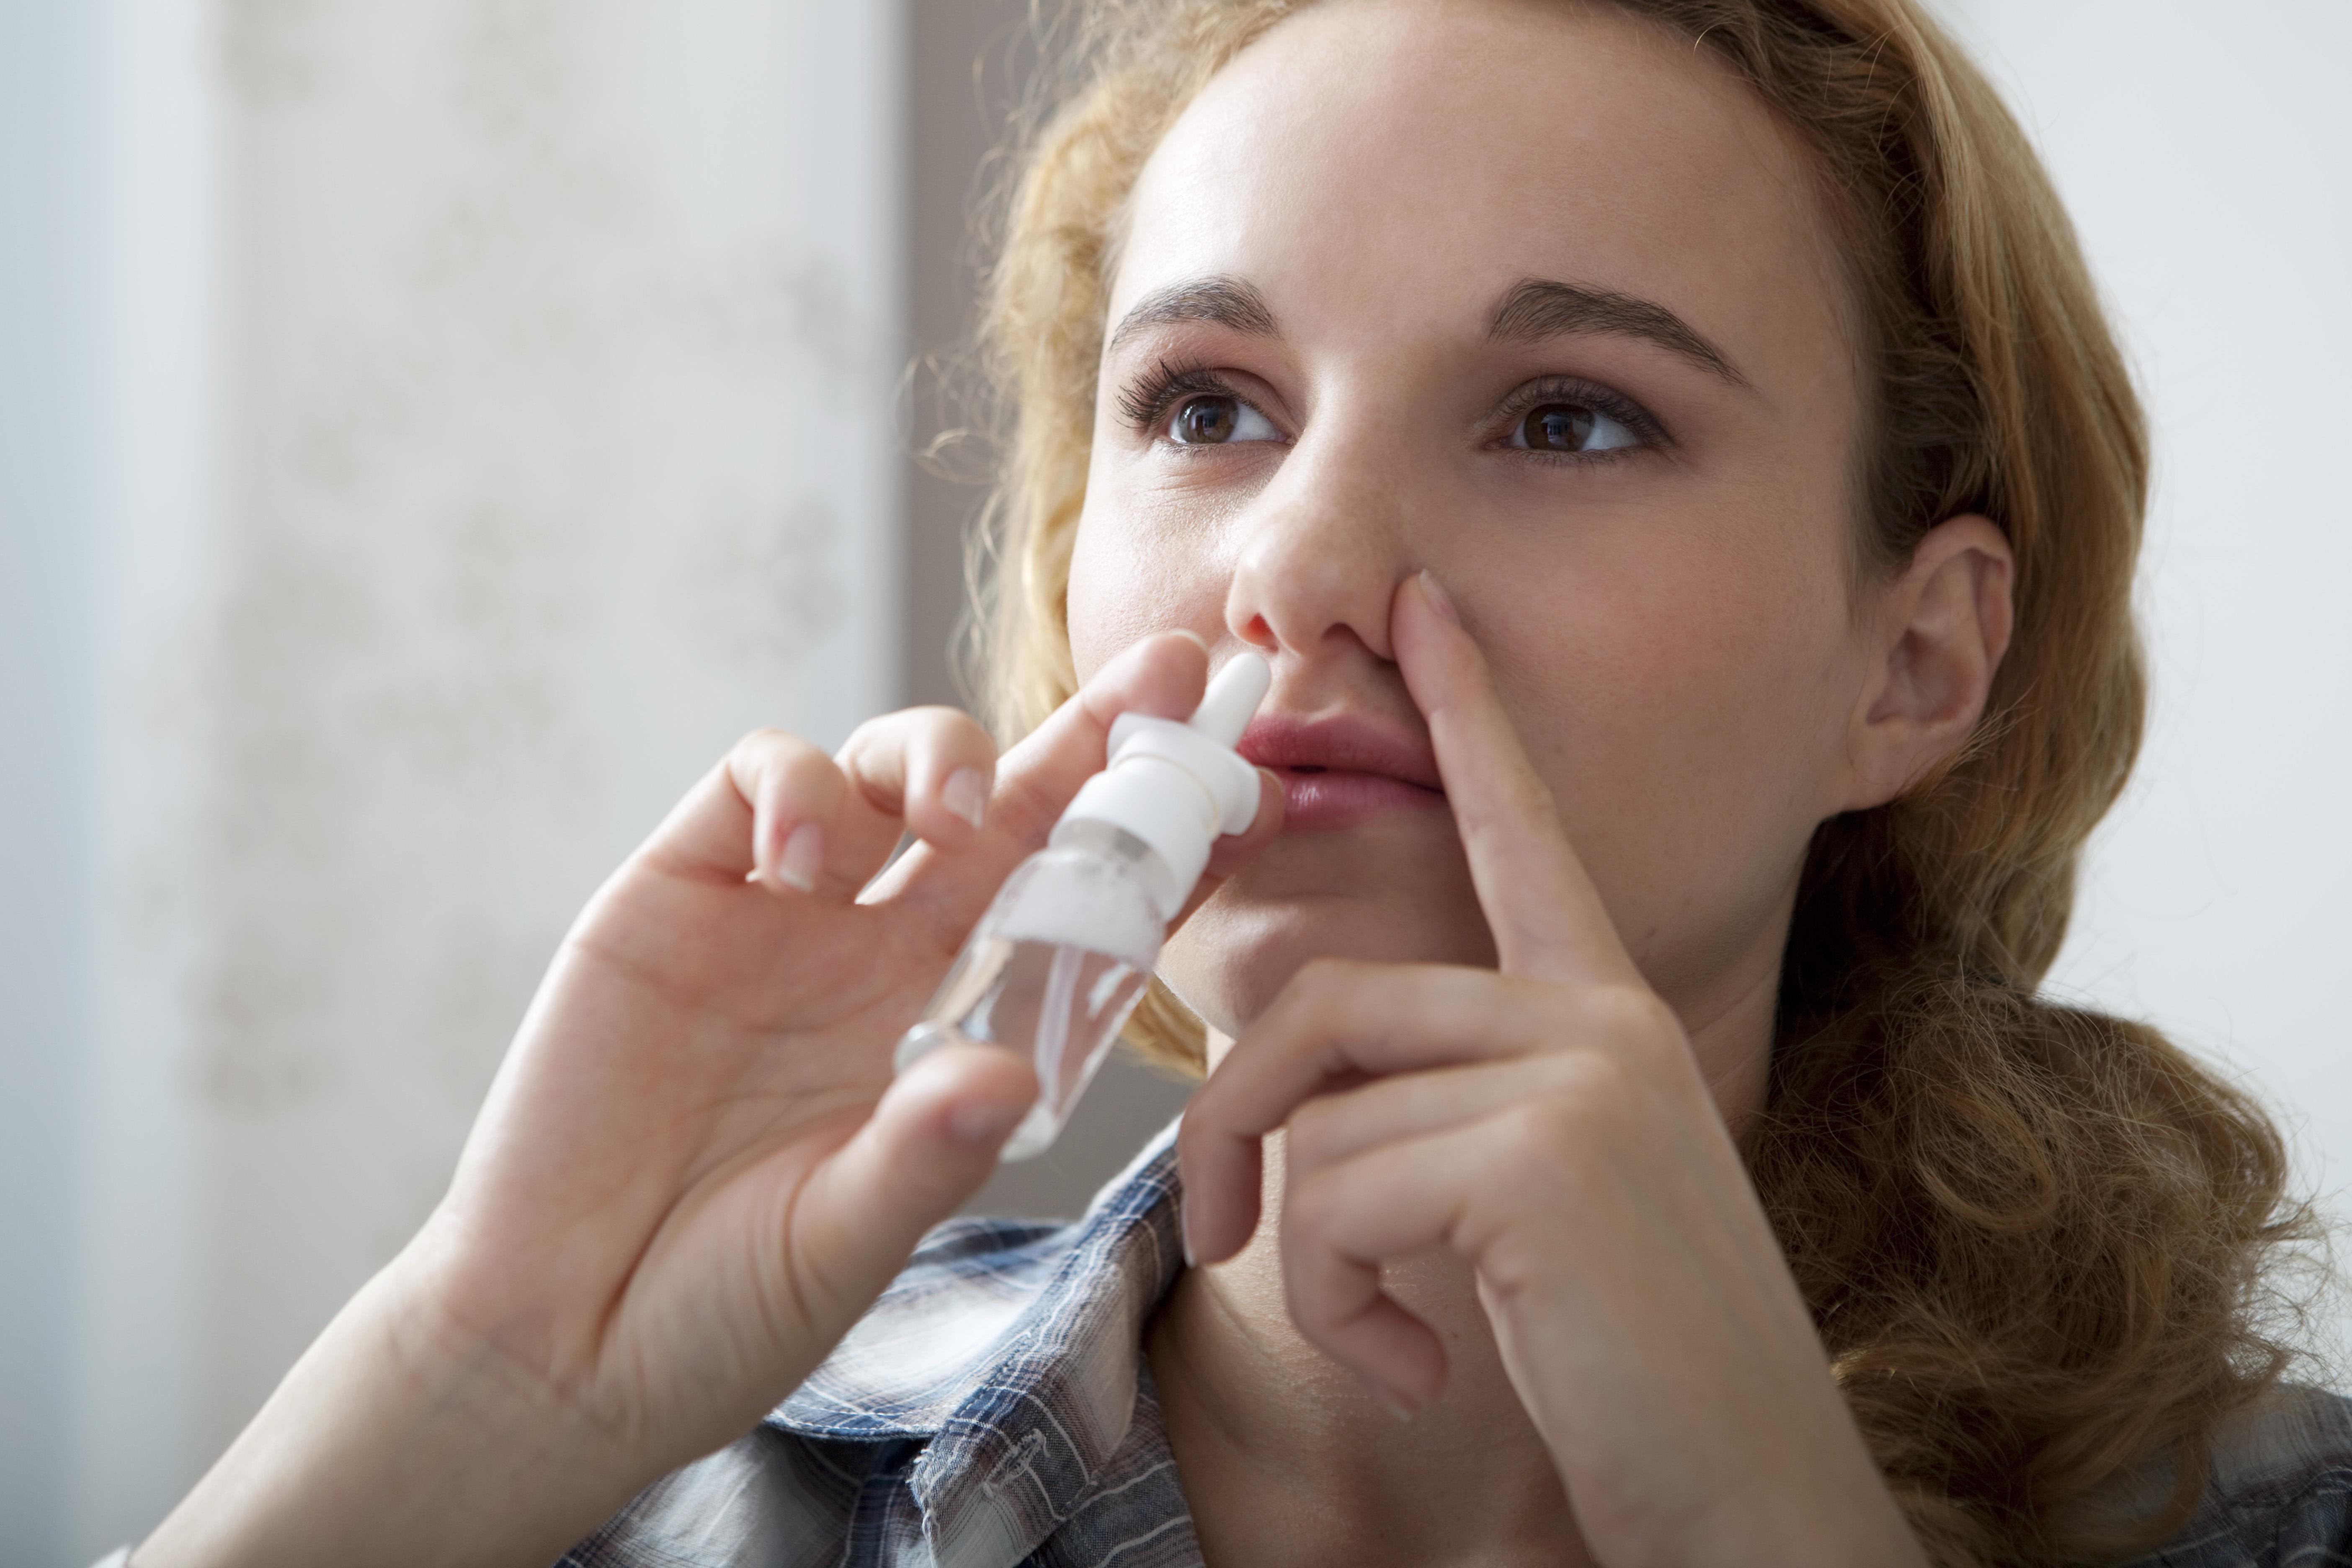 täppt näsa pollen